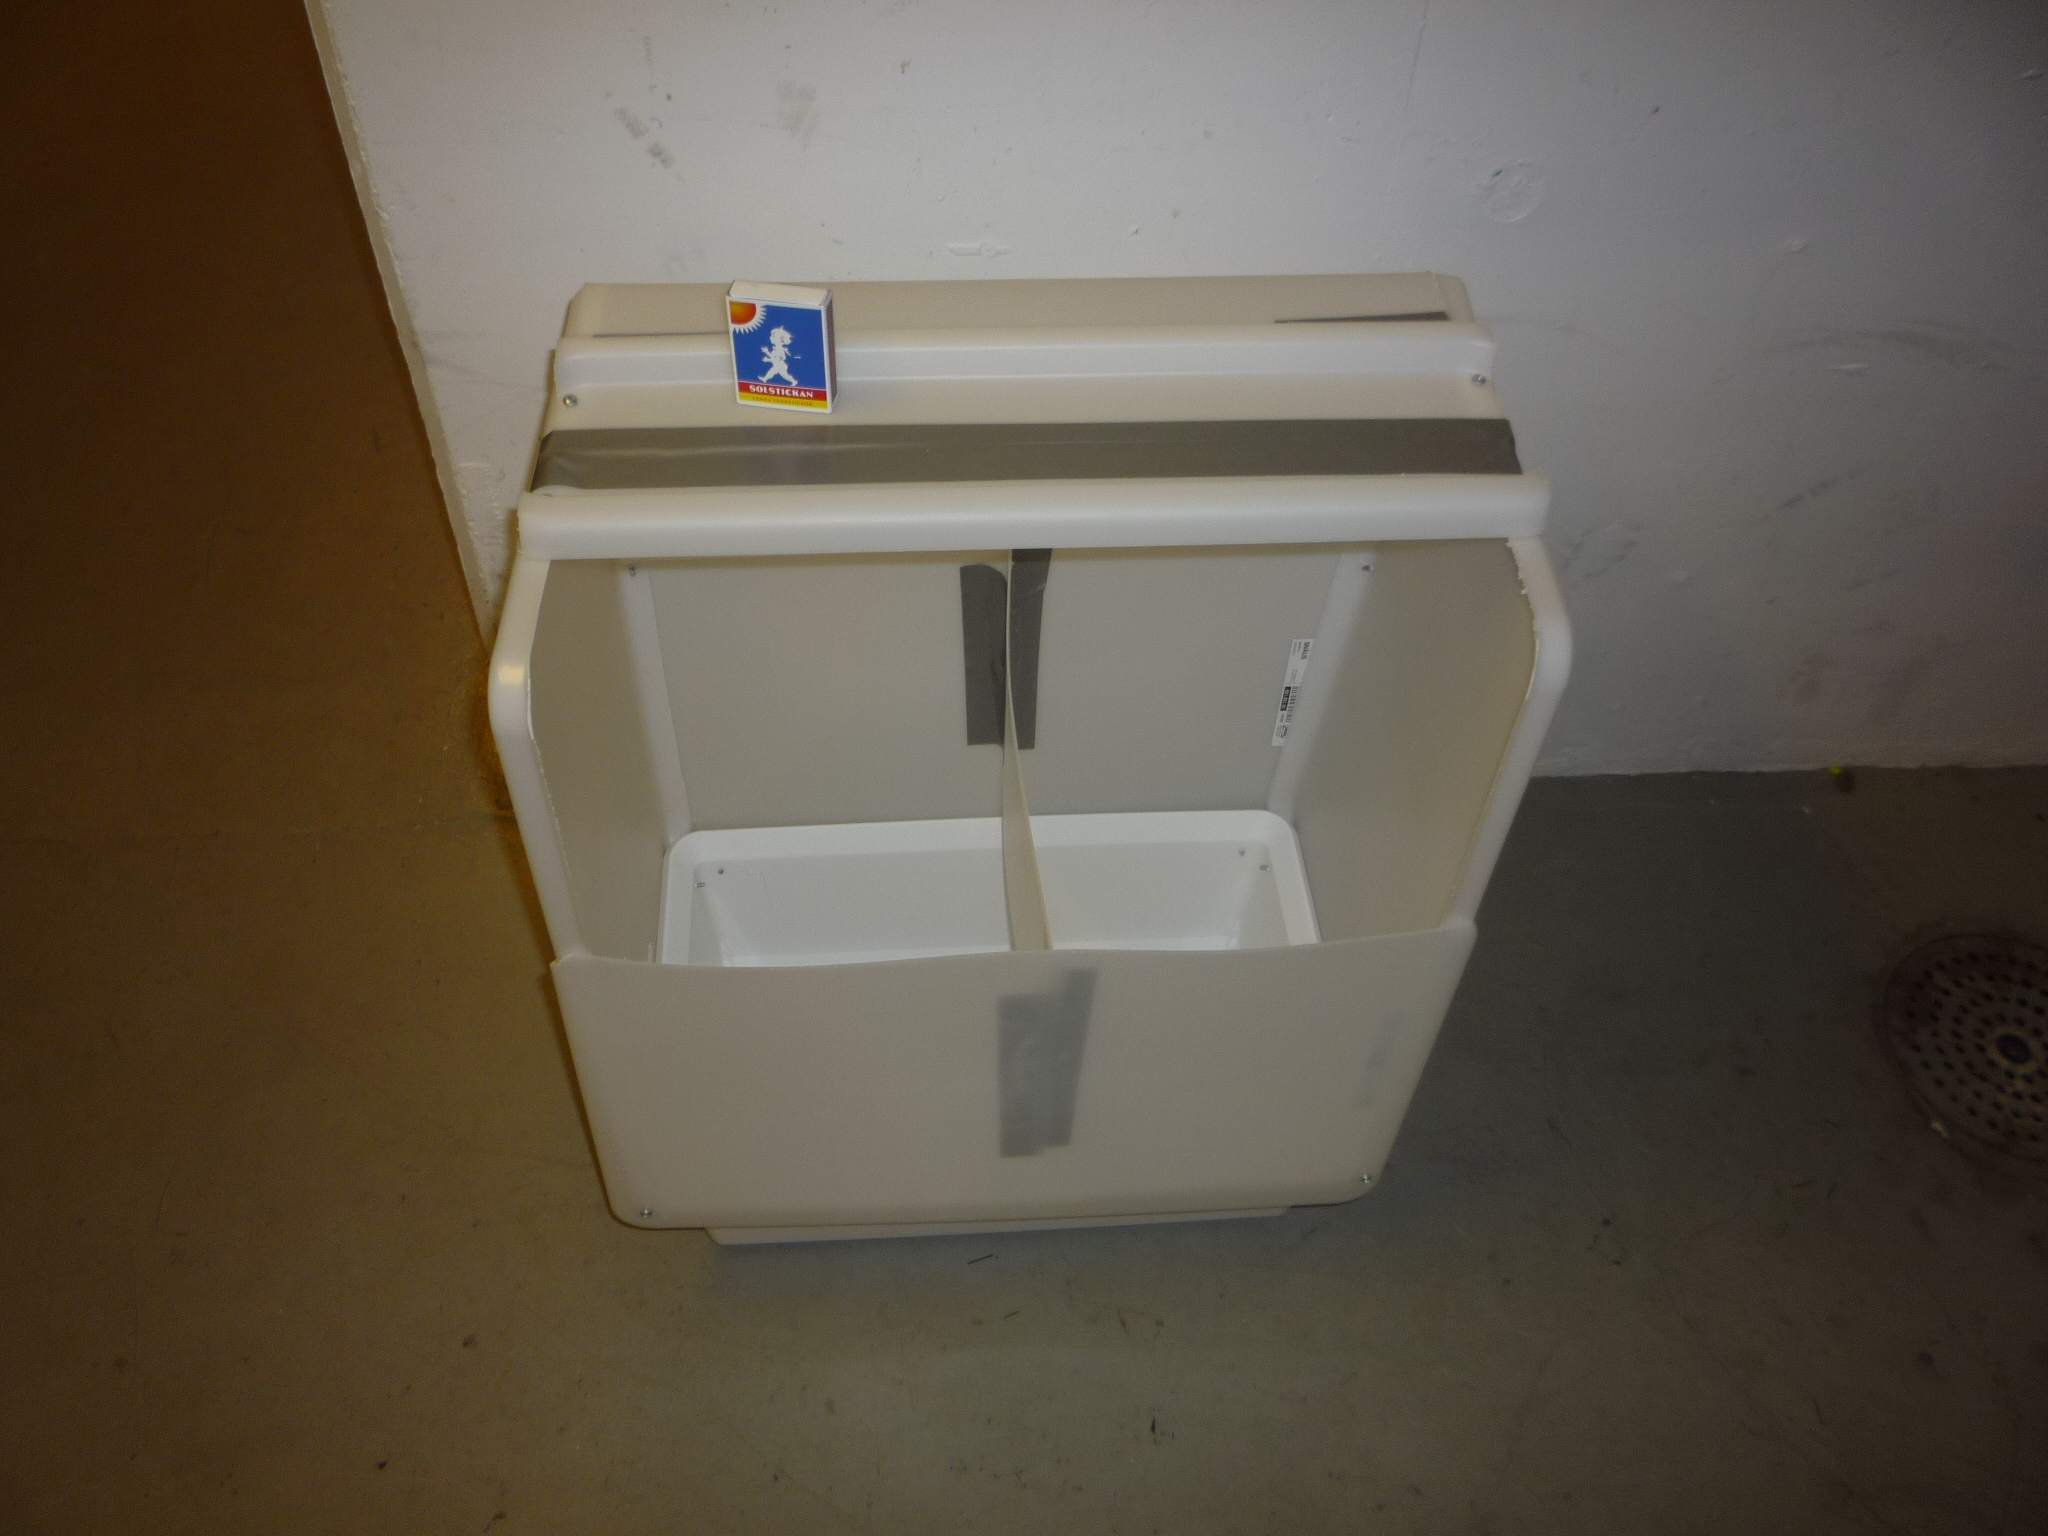 Första versionen av Sorty - smart tvättkorg